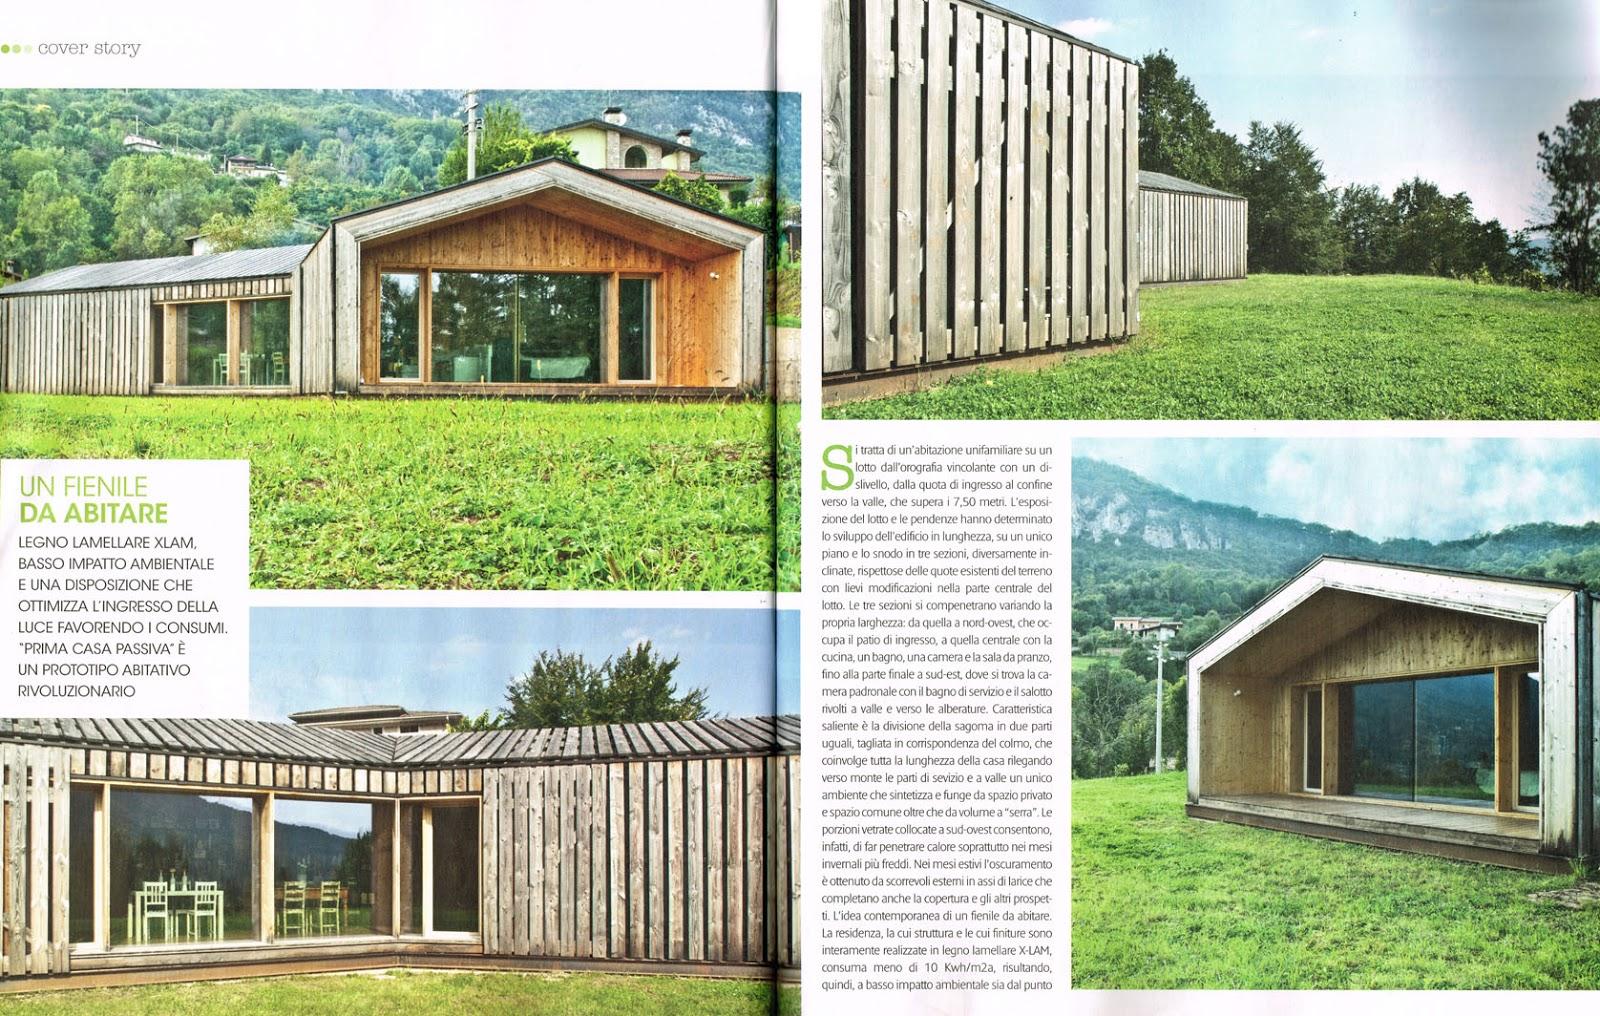 Quanto costa una casa di 100 mq studio di architettura for Quanto costa arredare una casa di 100mq